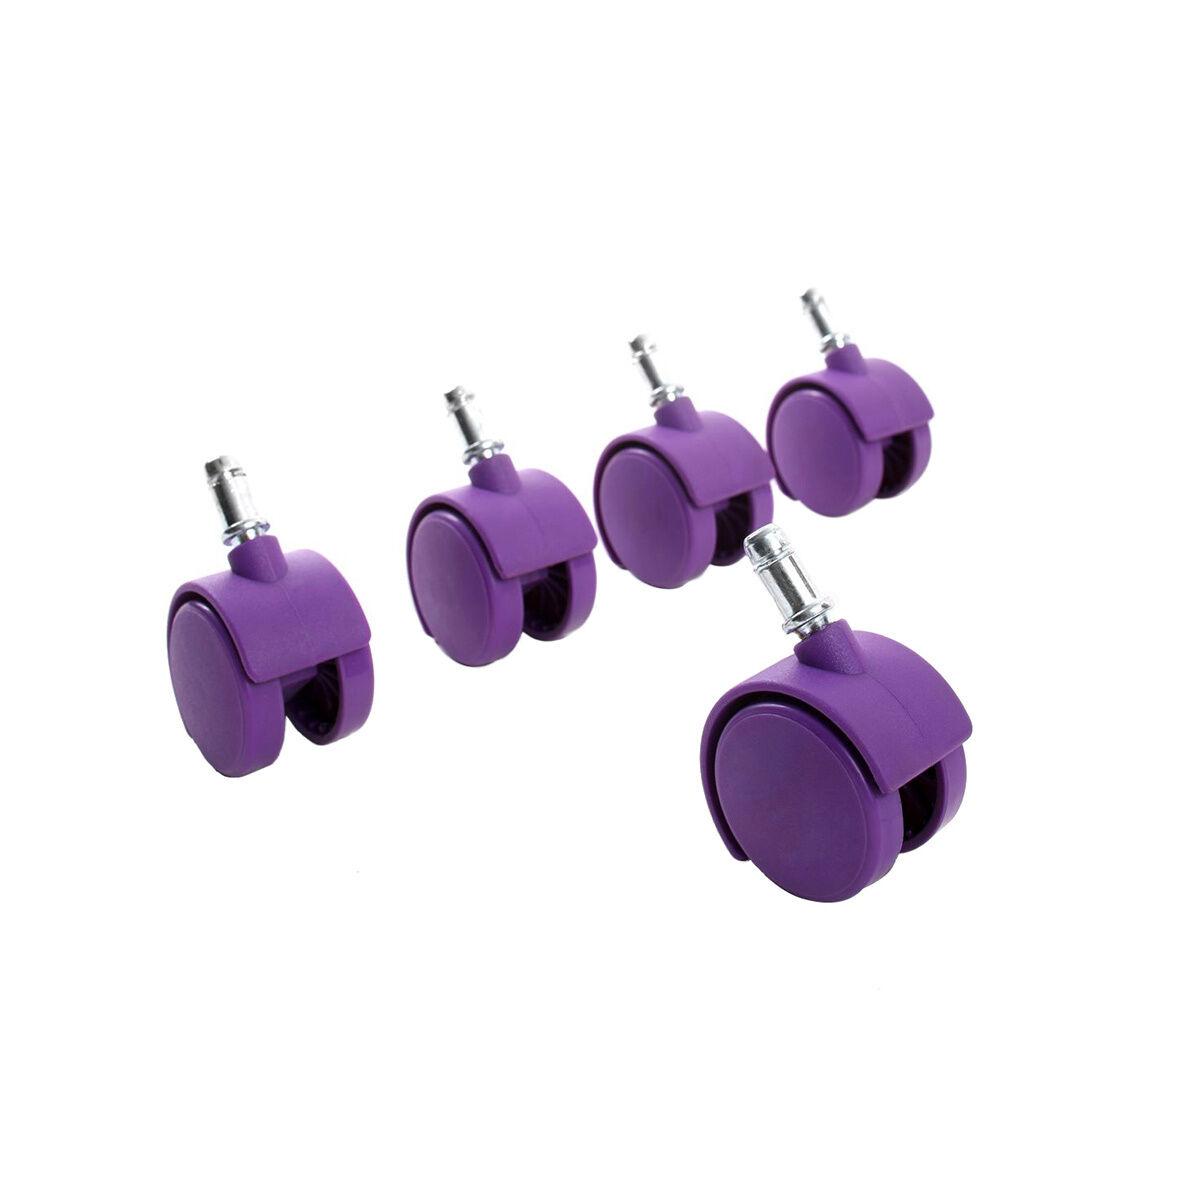 Miliboo Roulettes violettes